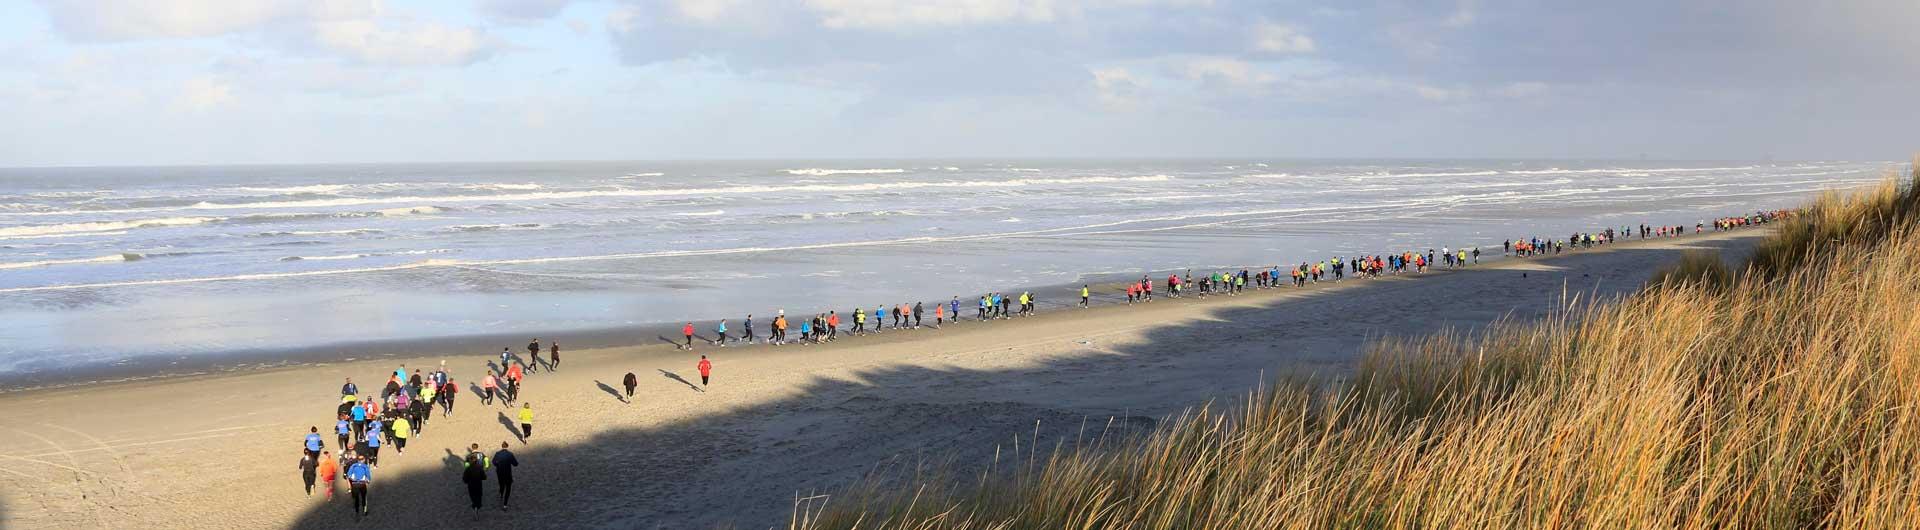 Ameland Adventurerun: zicht op het strand met lopers